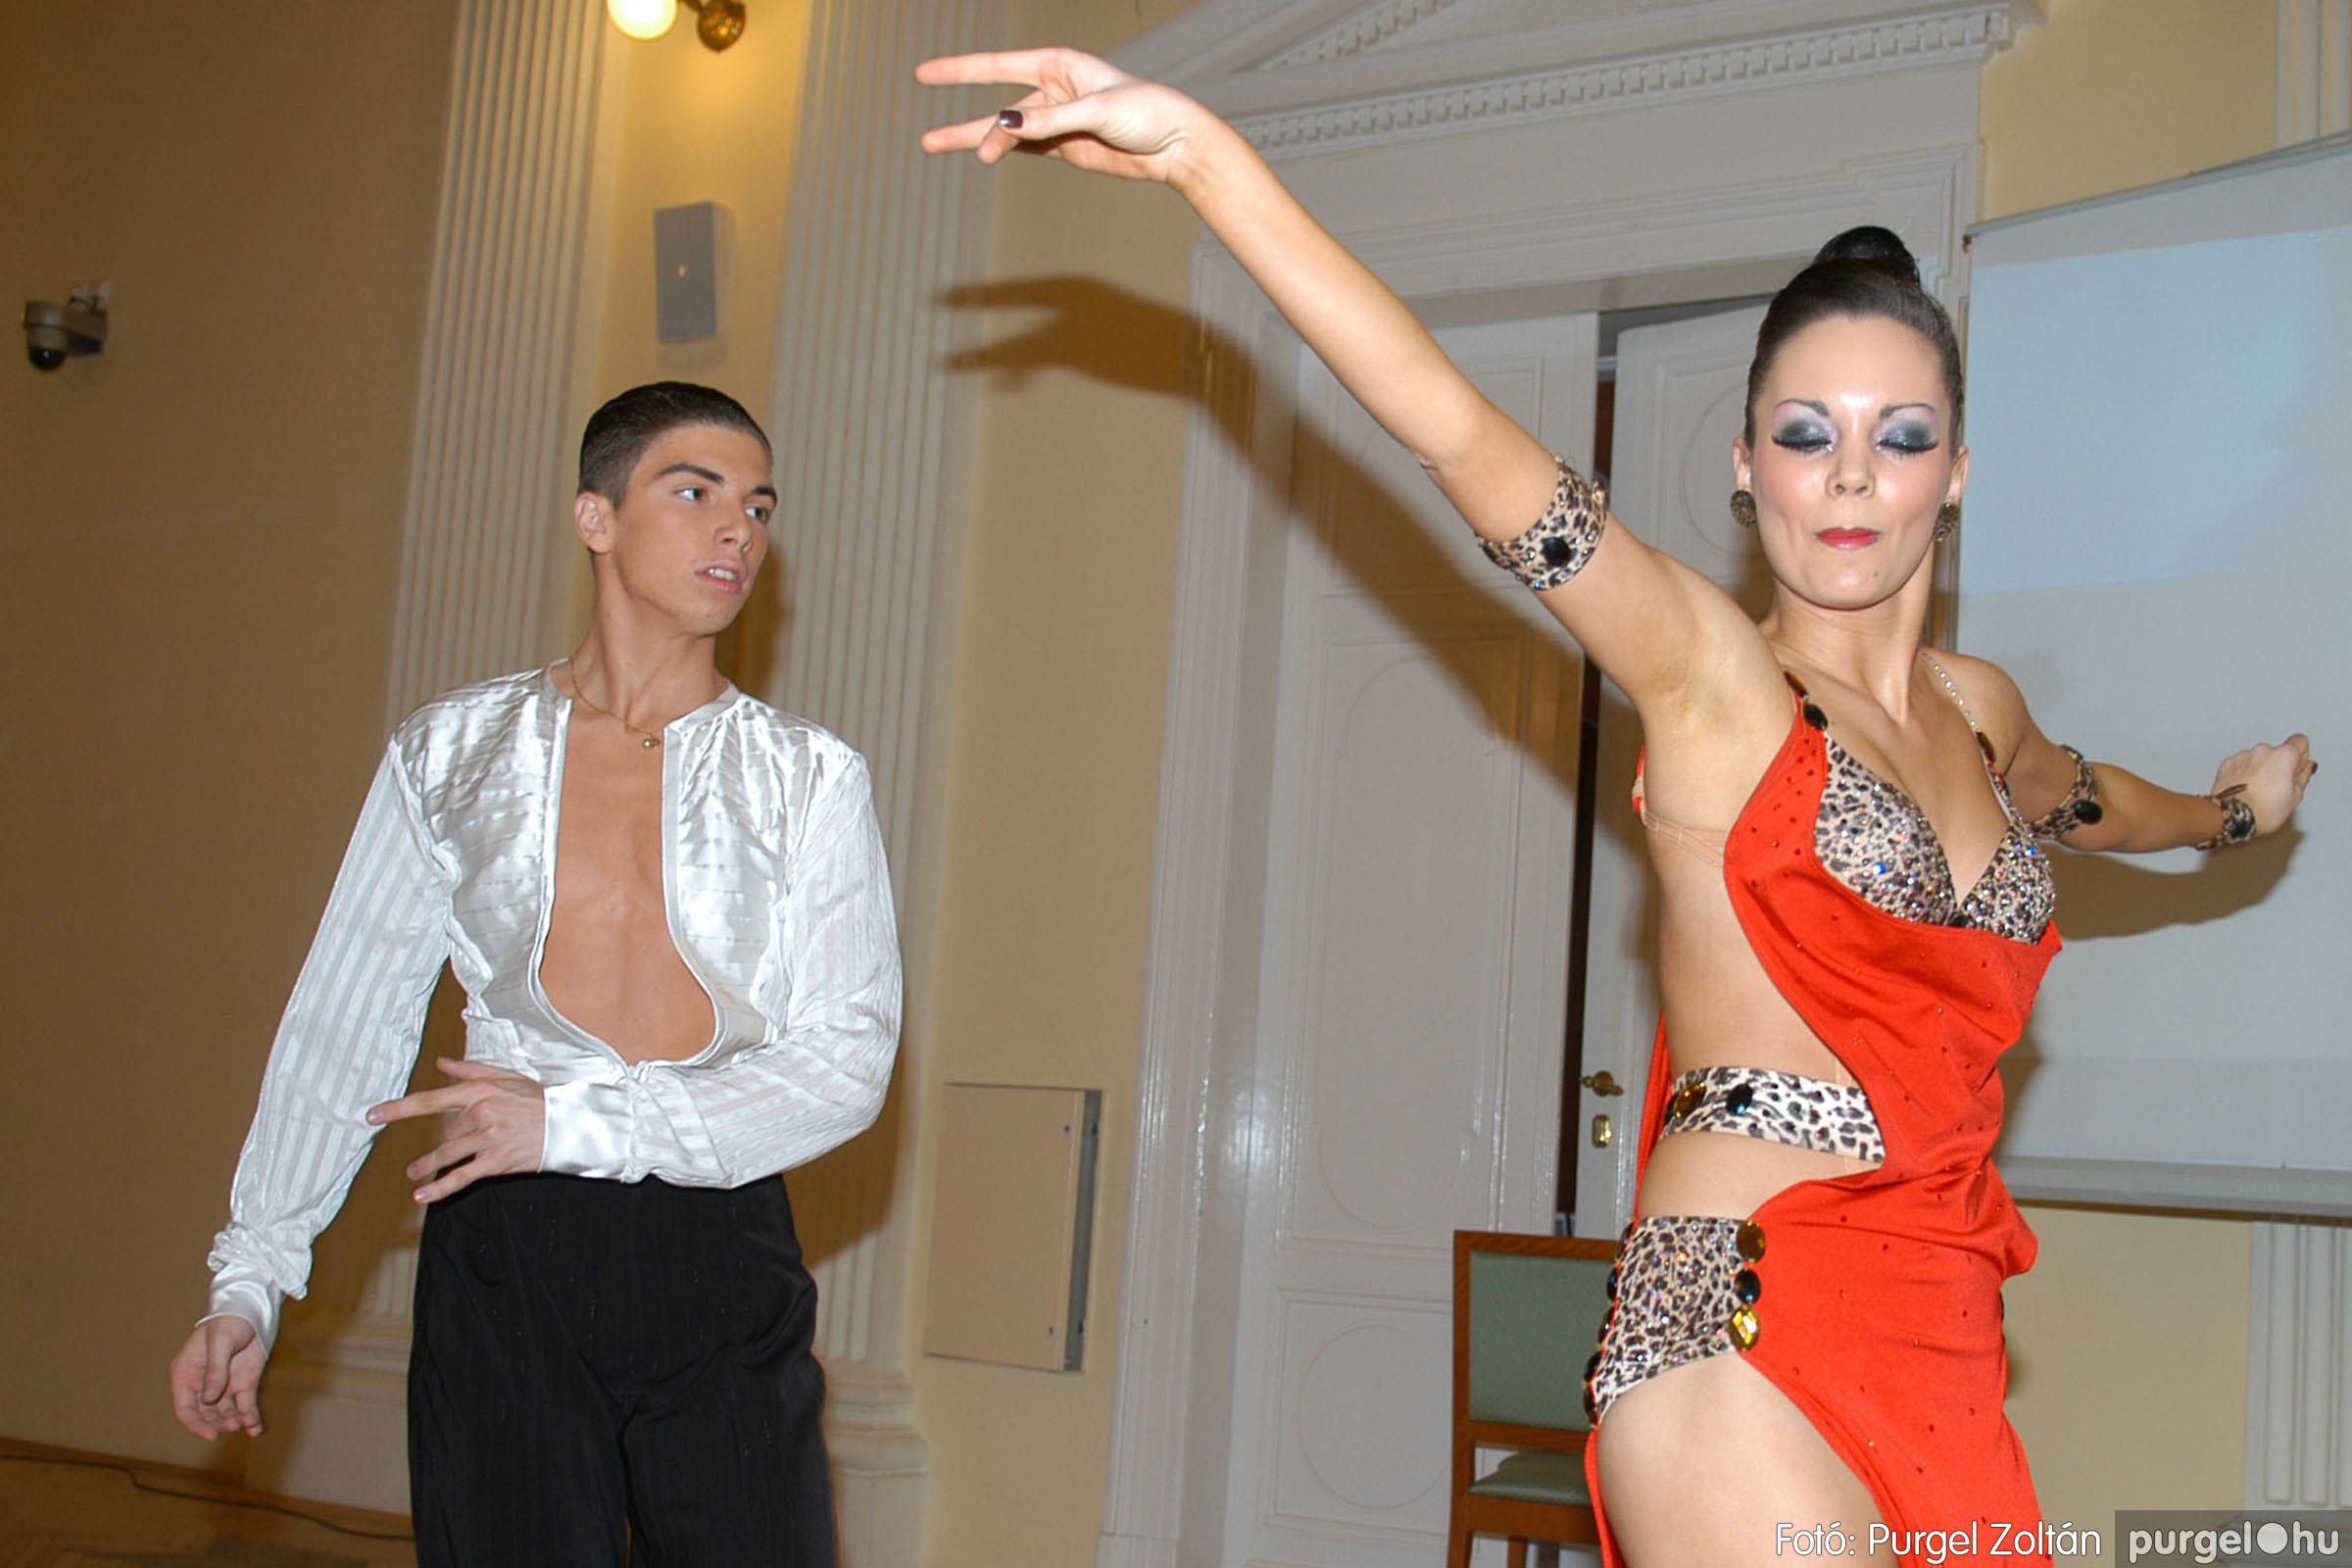 2010.10.28. 140 Szegvár és Vidéke Takarékszövetkezet takarékossági világnap rendezvény - Fotó:P. Z..jpg